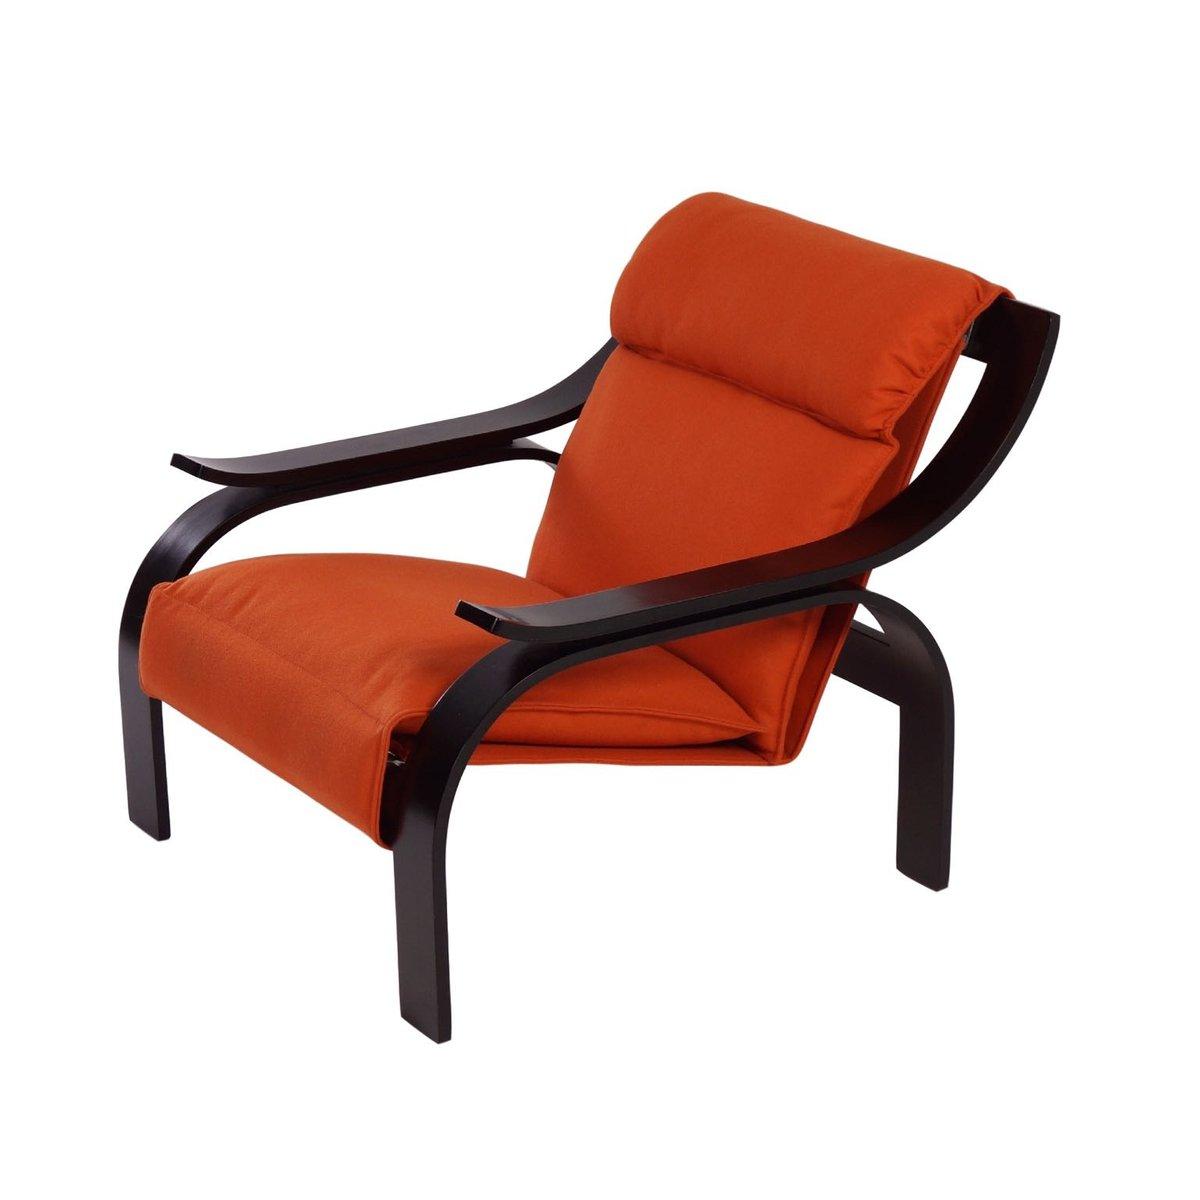 Marvelous Woodline Armchair By Marco Zanuso For Arflex, 1964